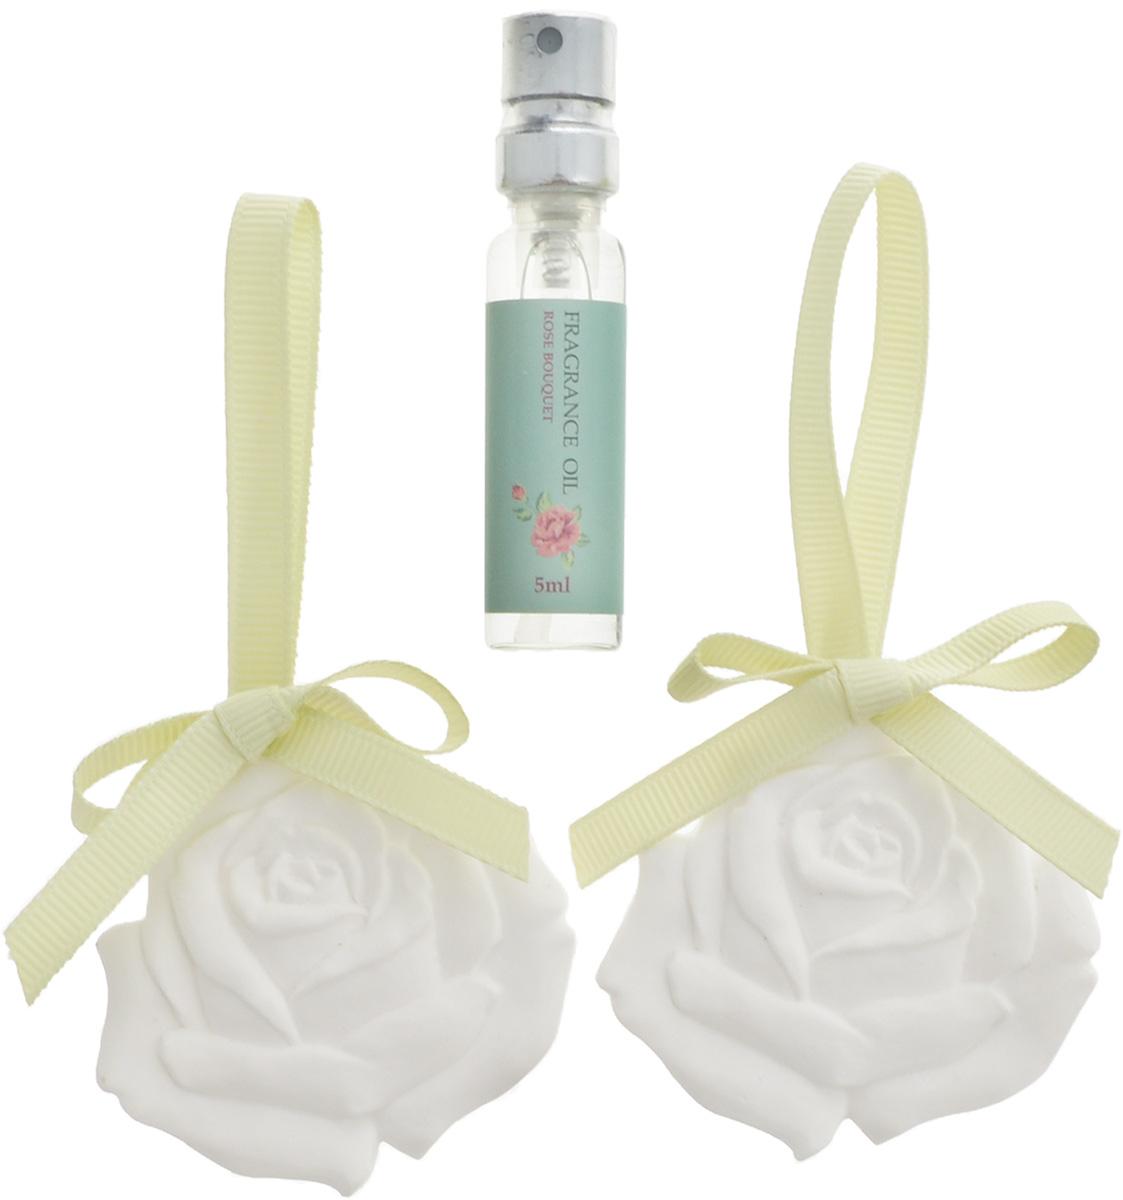 Набор ароматический Magic Home Роза, 3 предмета43854Набор Magic Home Роза состоит из двух подвесных ароматических украшений, выполненных из гипса и оснащенных текстильной петелькой для подвешивания, и синтетического аромамасла без содержания спирта с запахом розы. Аромат предметов набора разносится медленно, сохраняется долгое время. Ароматизаторы замечательно устраняют неприятные запахи и придают дому свежесть. Кроме того, такой набор станет замечательным подарком для родных и близких. Размер украшений: 5,5 х 5 х 0,8 см. Объем аромамасла: 5 мл.